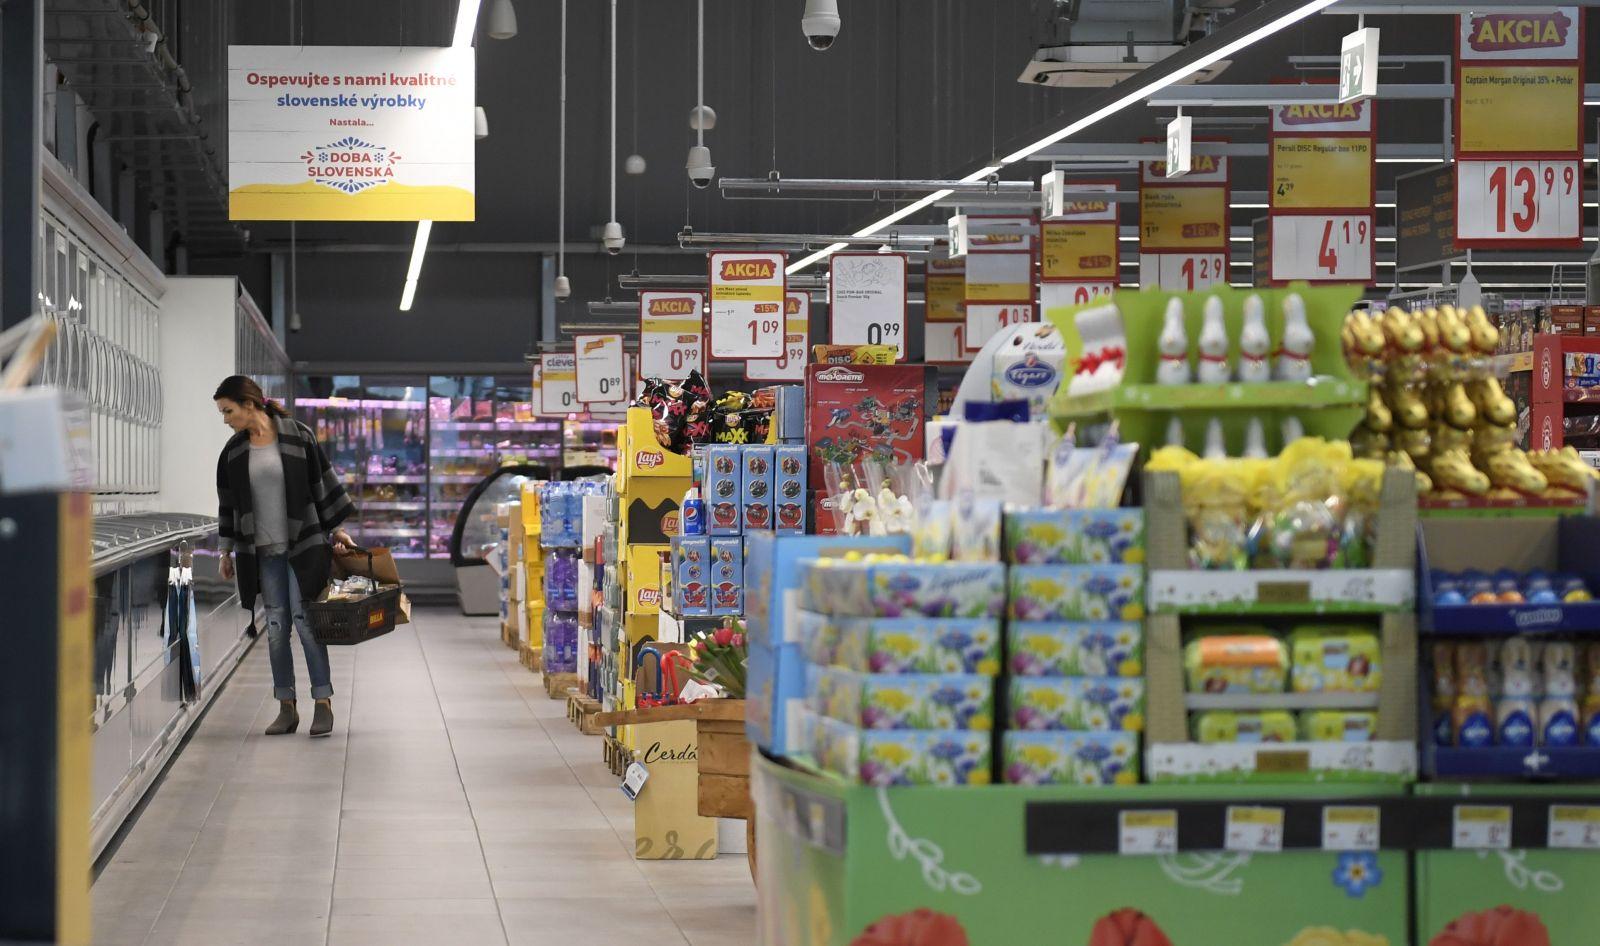 Slovensko nakúpi jedlo do štátnych rezerv, keby prišla potravinová kríza